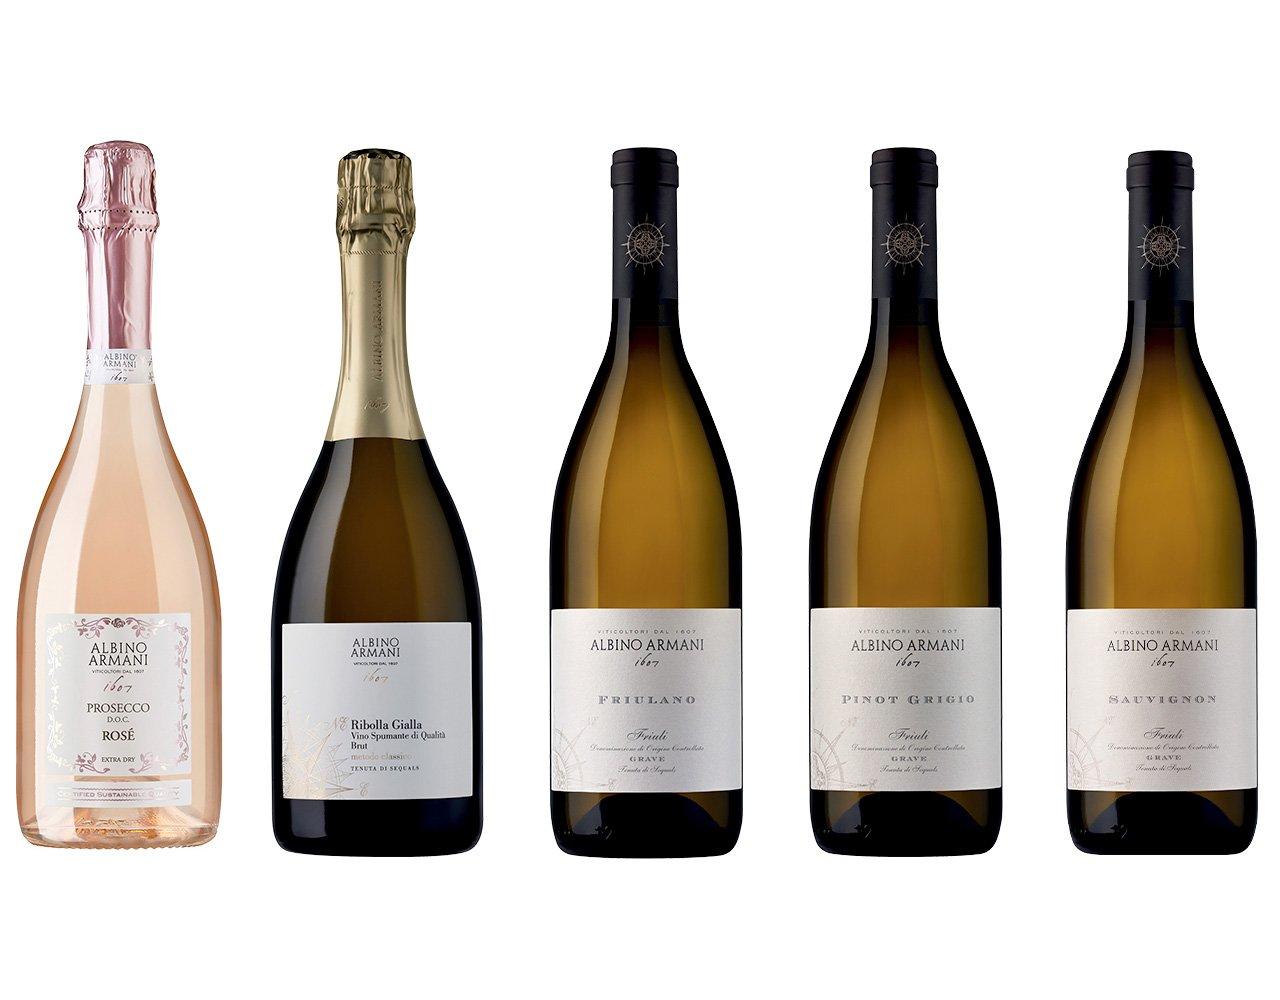 Degustazione vini friulani azienda Albino Armani